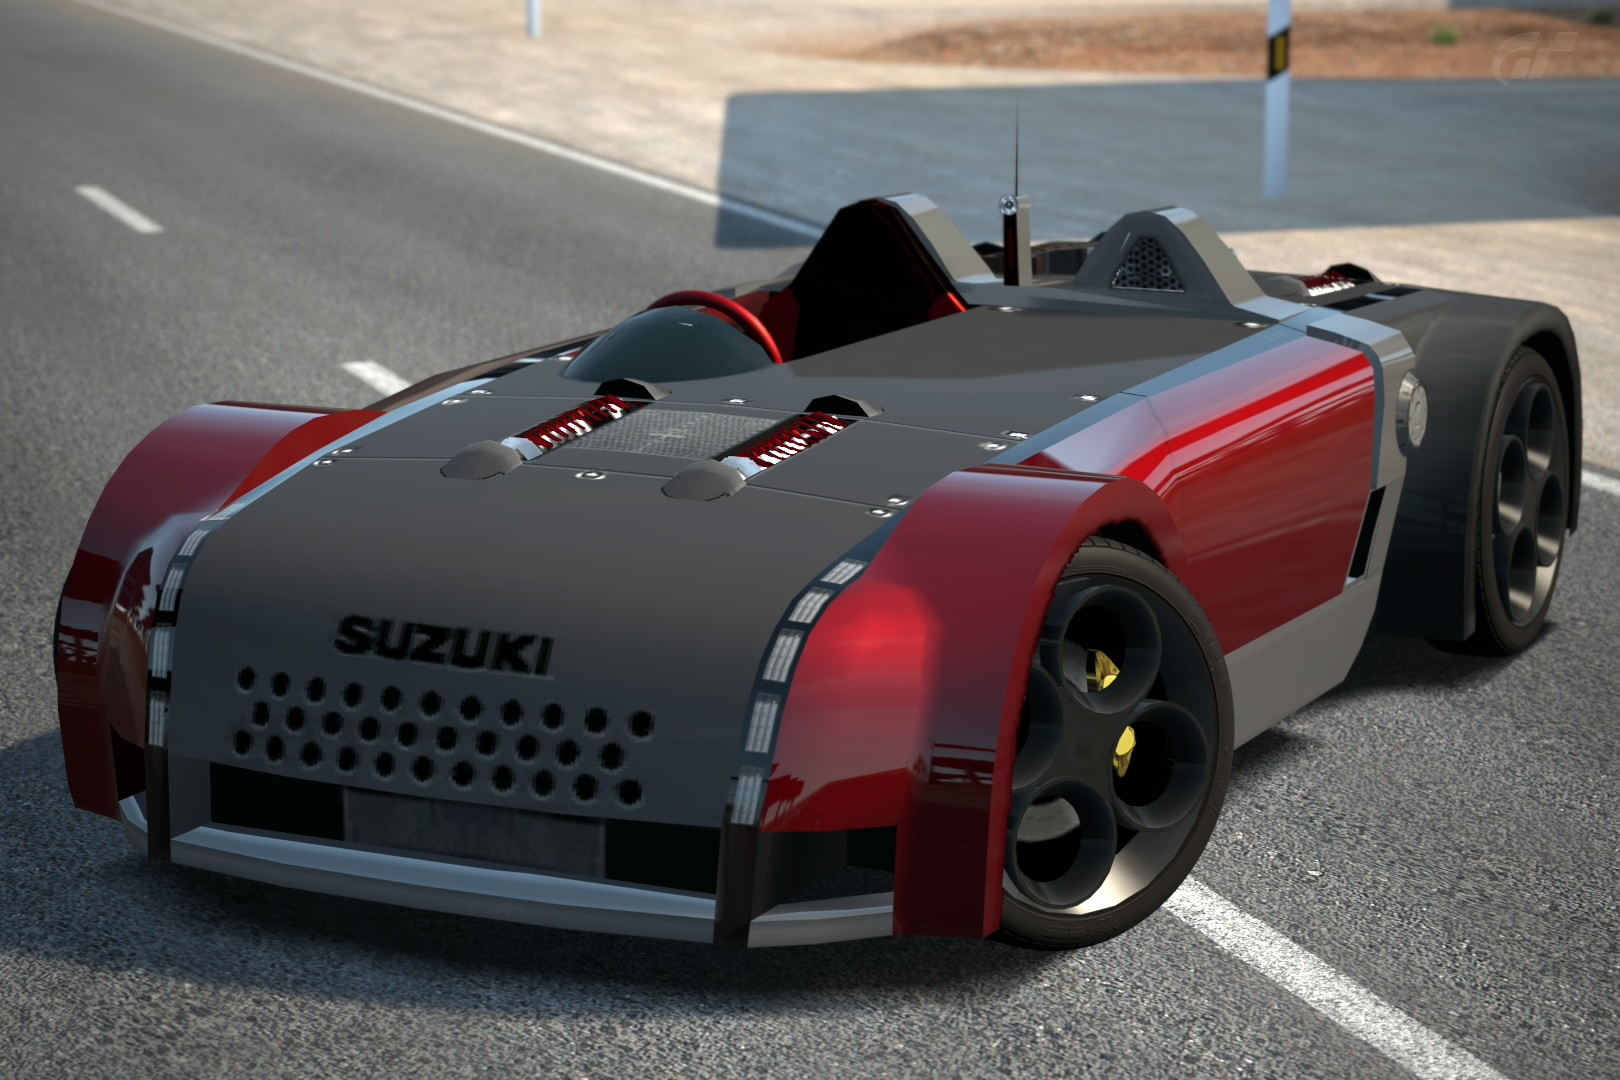 Image Suzuki Gsx R 4 Concept 01 Jpg Gran Turismo Wiki